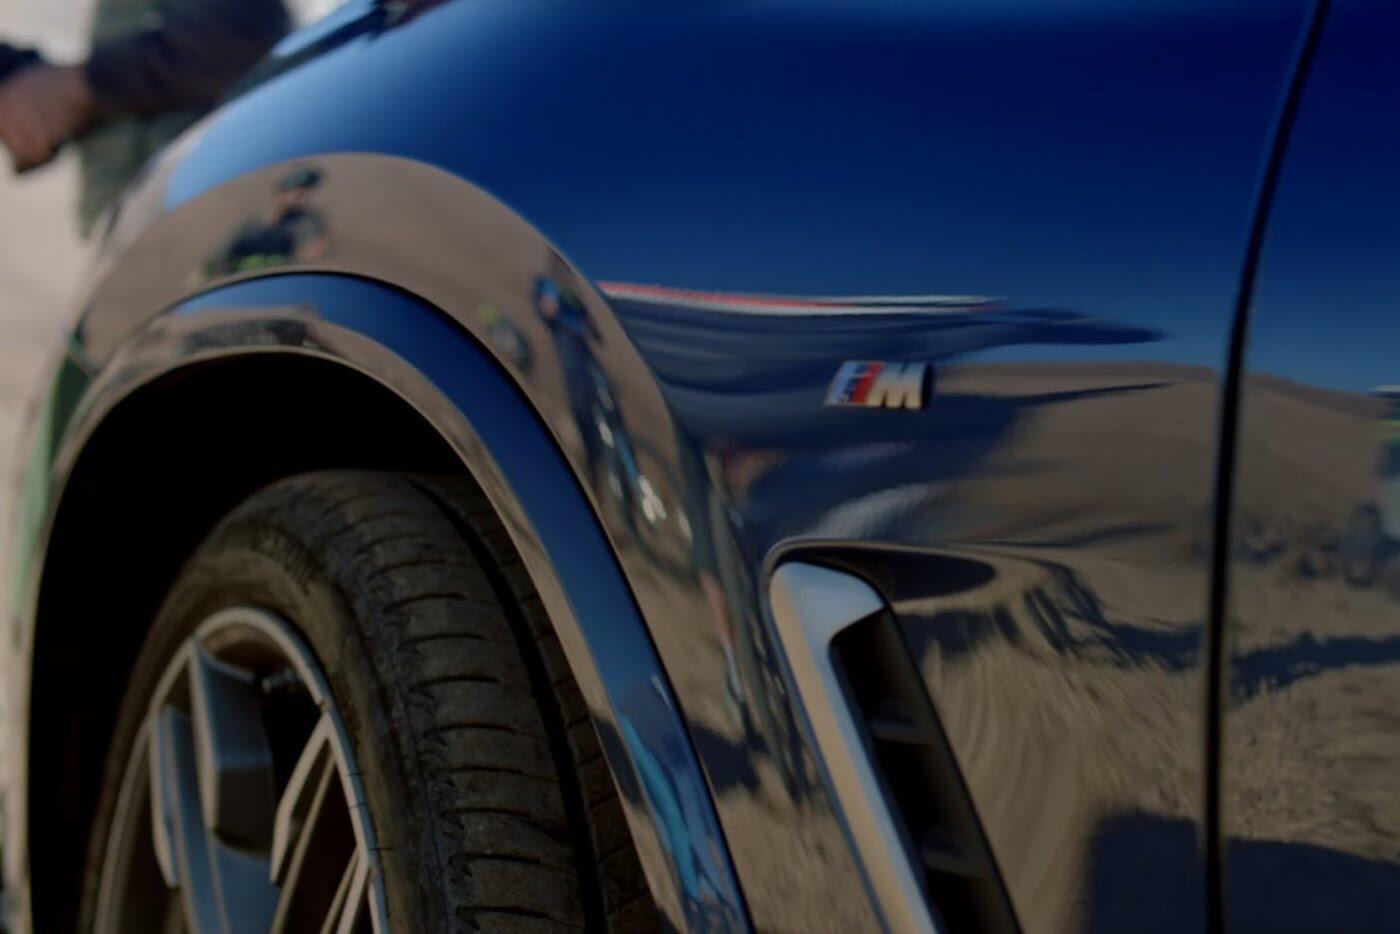 BMW X3 2018 hé lộ những hình ảnh chính thức đầu tiên - Hình 4